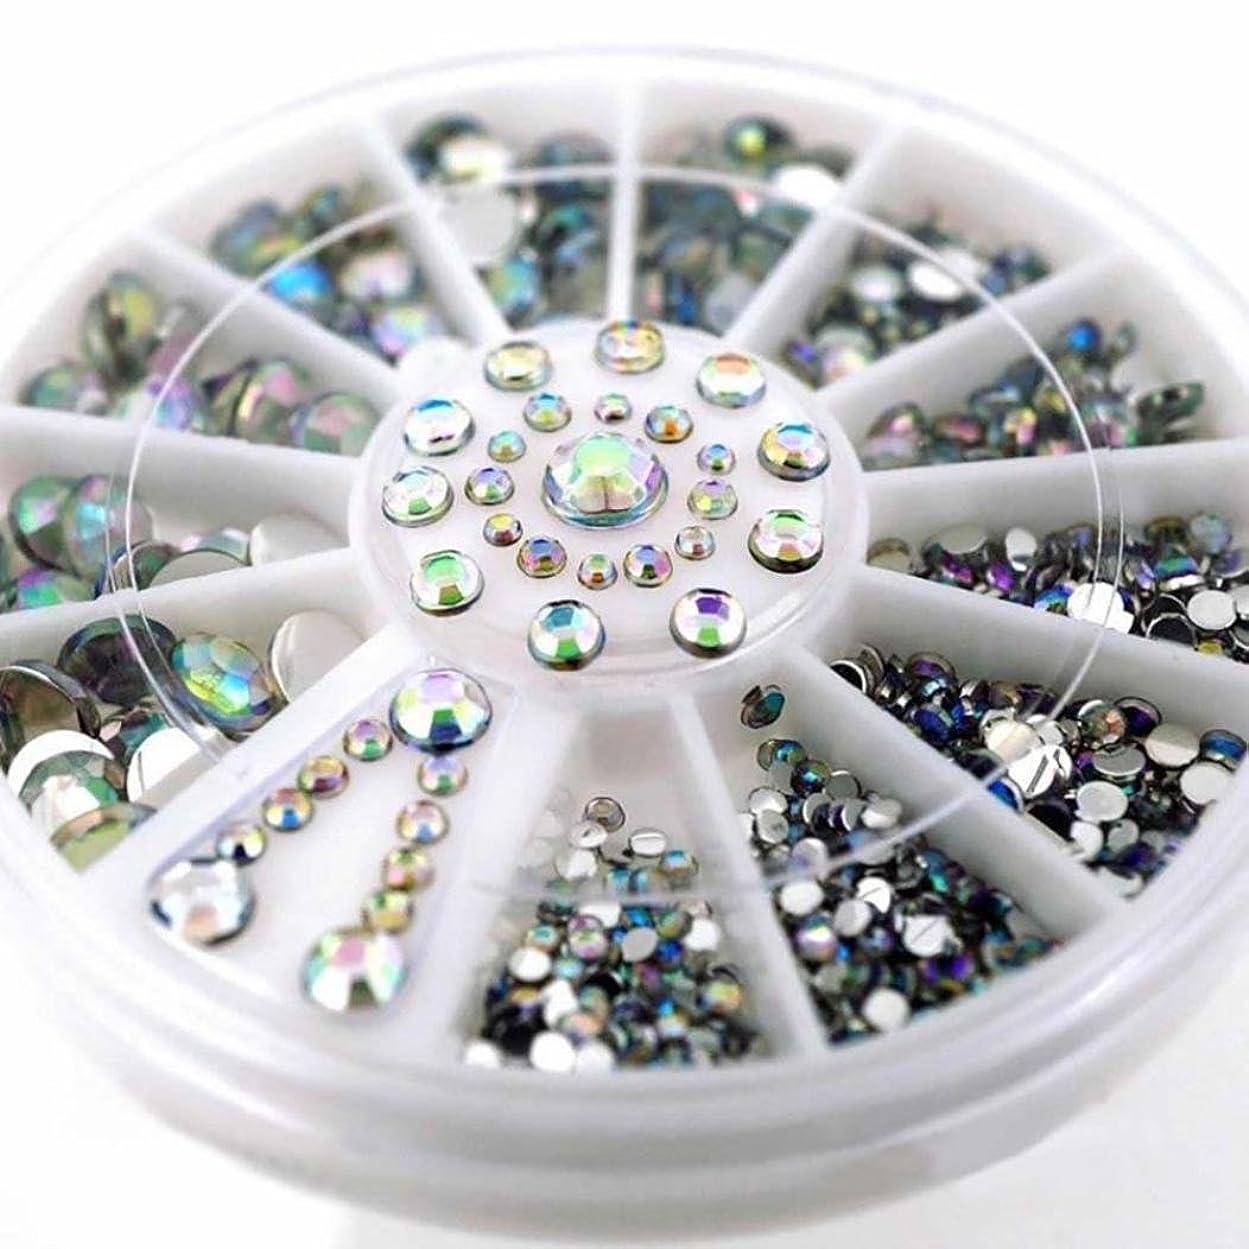 アセンブリドックチラチラするSakuraBest 眩しいダイヤモンドのヒント爪のパッチカラフルな棘の爪の飾り